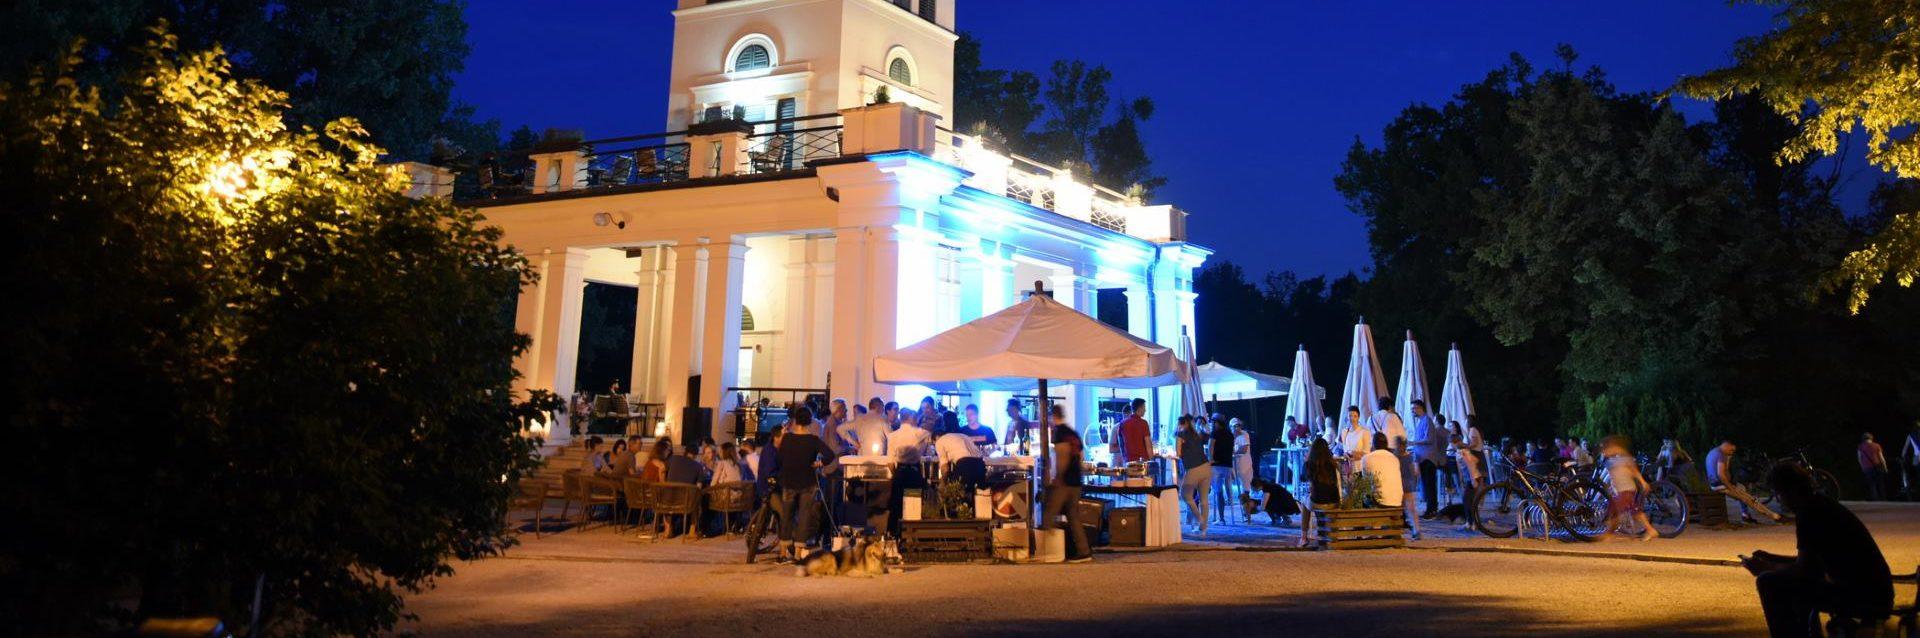 FOTO: Otvorenje kultnog Vidikovca u Maksimiru i najava ljetnog programa